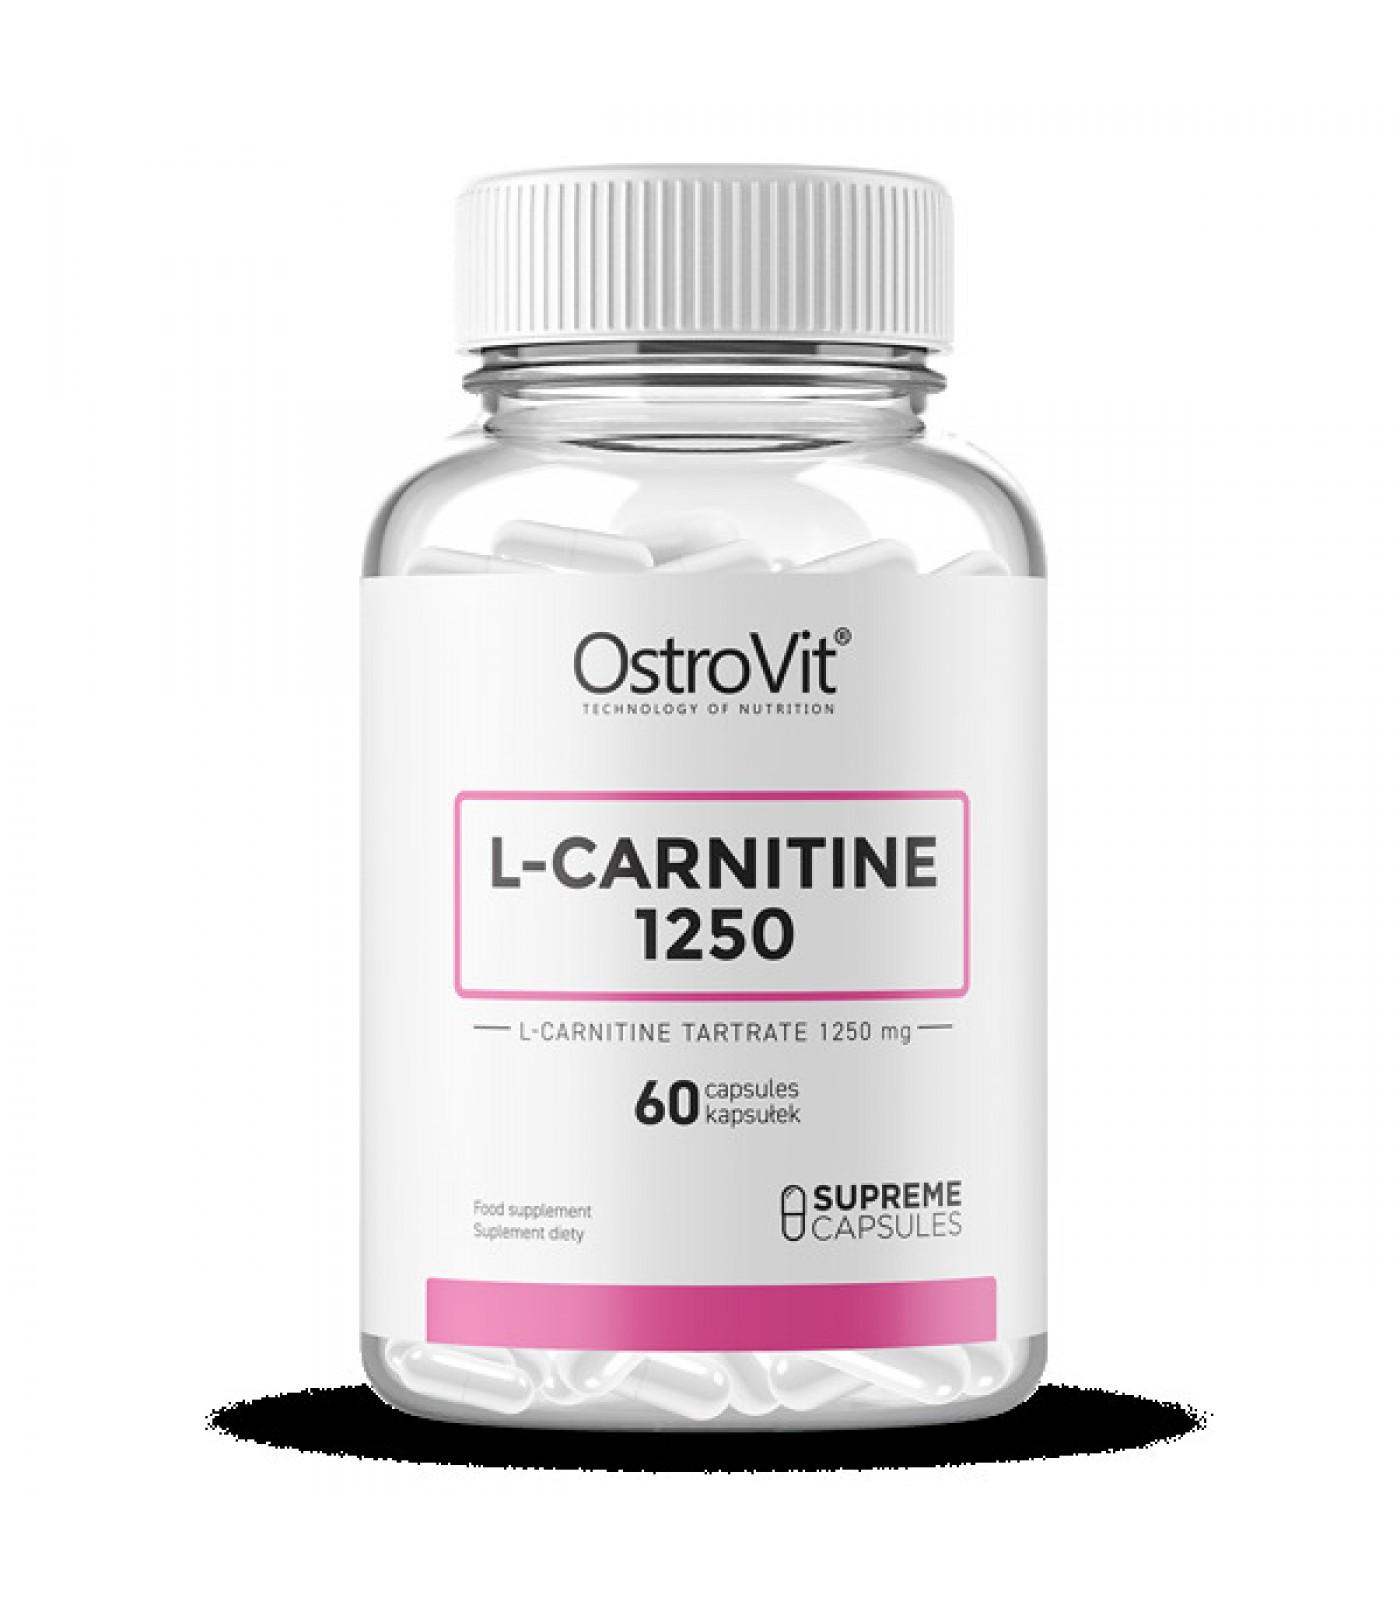 OstroVit - L-Carnitine 1250 mg / 60caps.